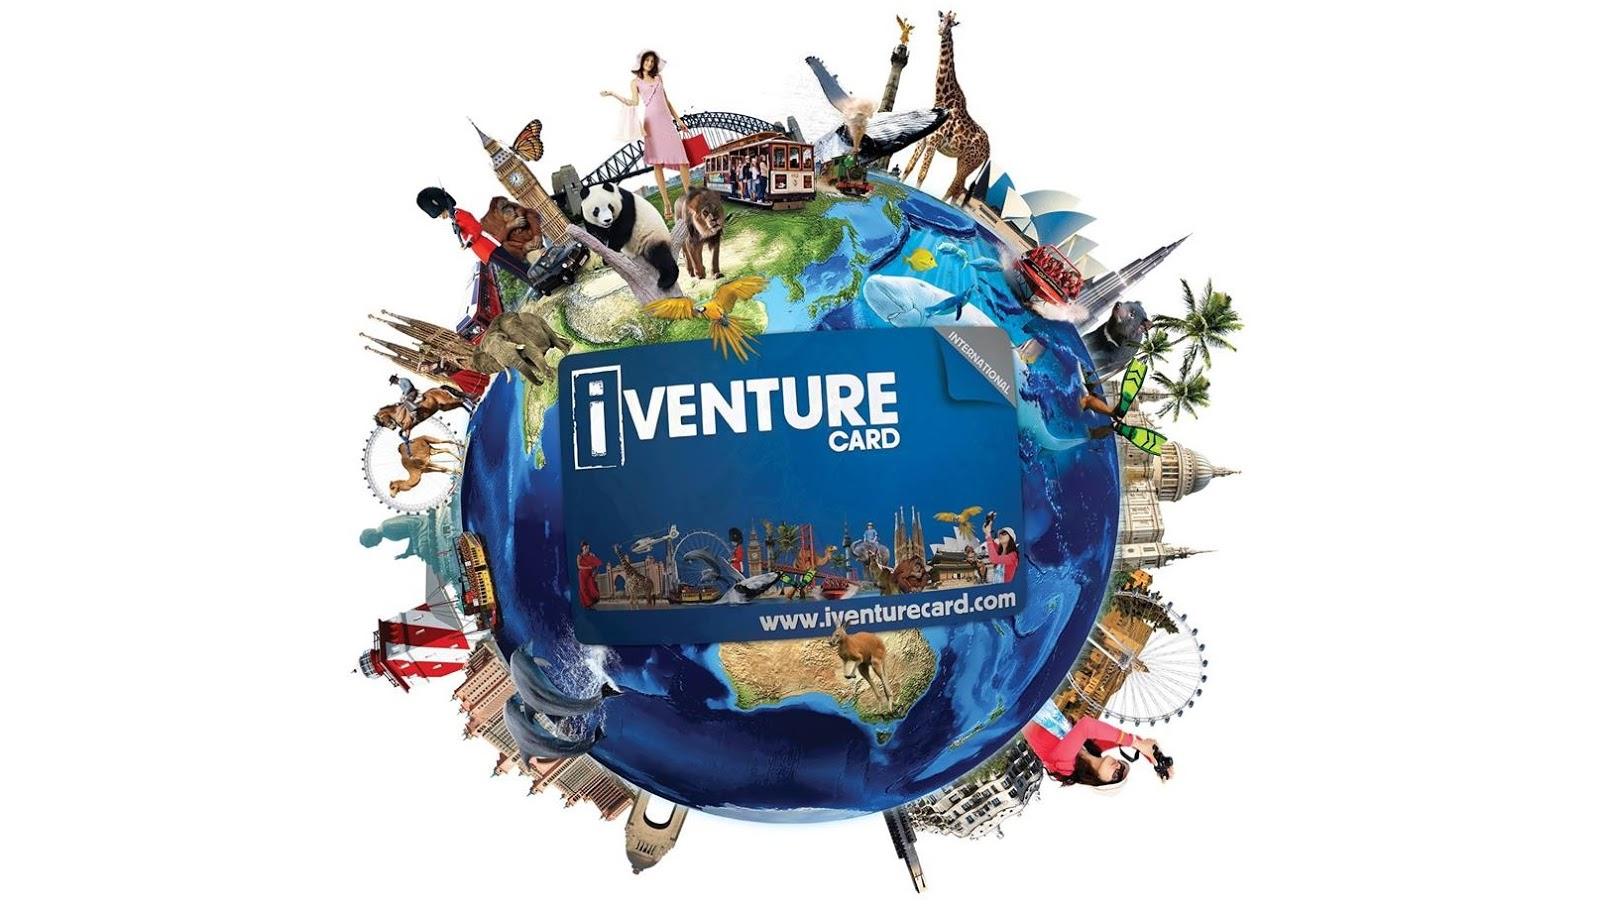 雪梨-悉尼-景點-推薦-優惠-折扣-門票-交通-便宜-自由行-旅遊-澳洲-Sydney-iVenture-Card-Pass-Travel-Australia